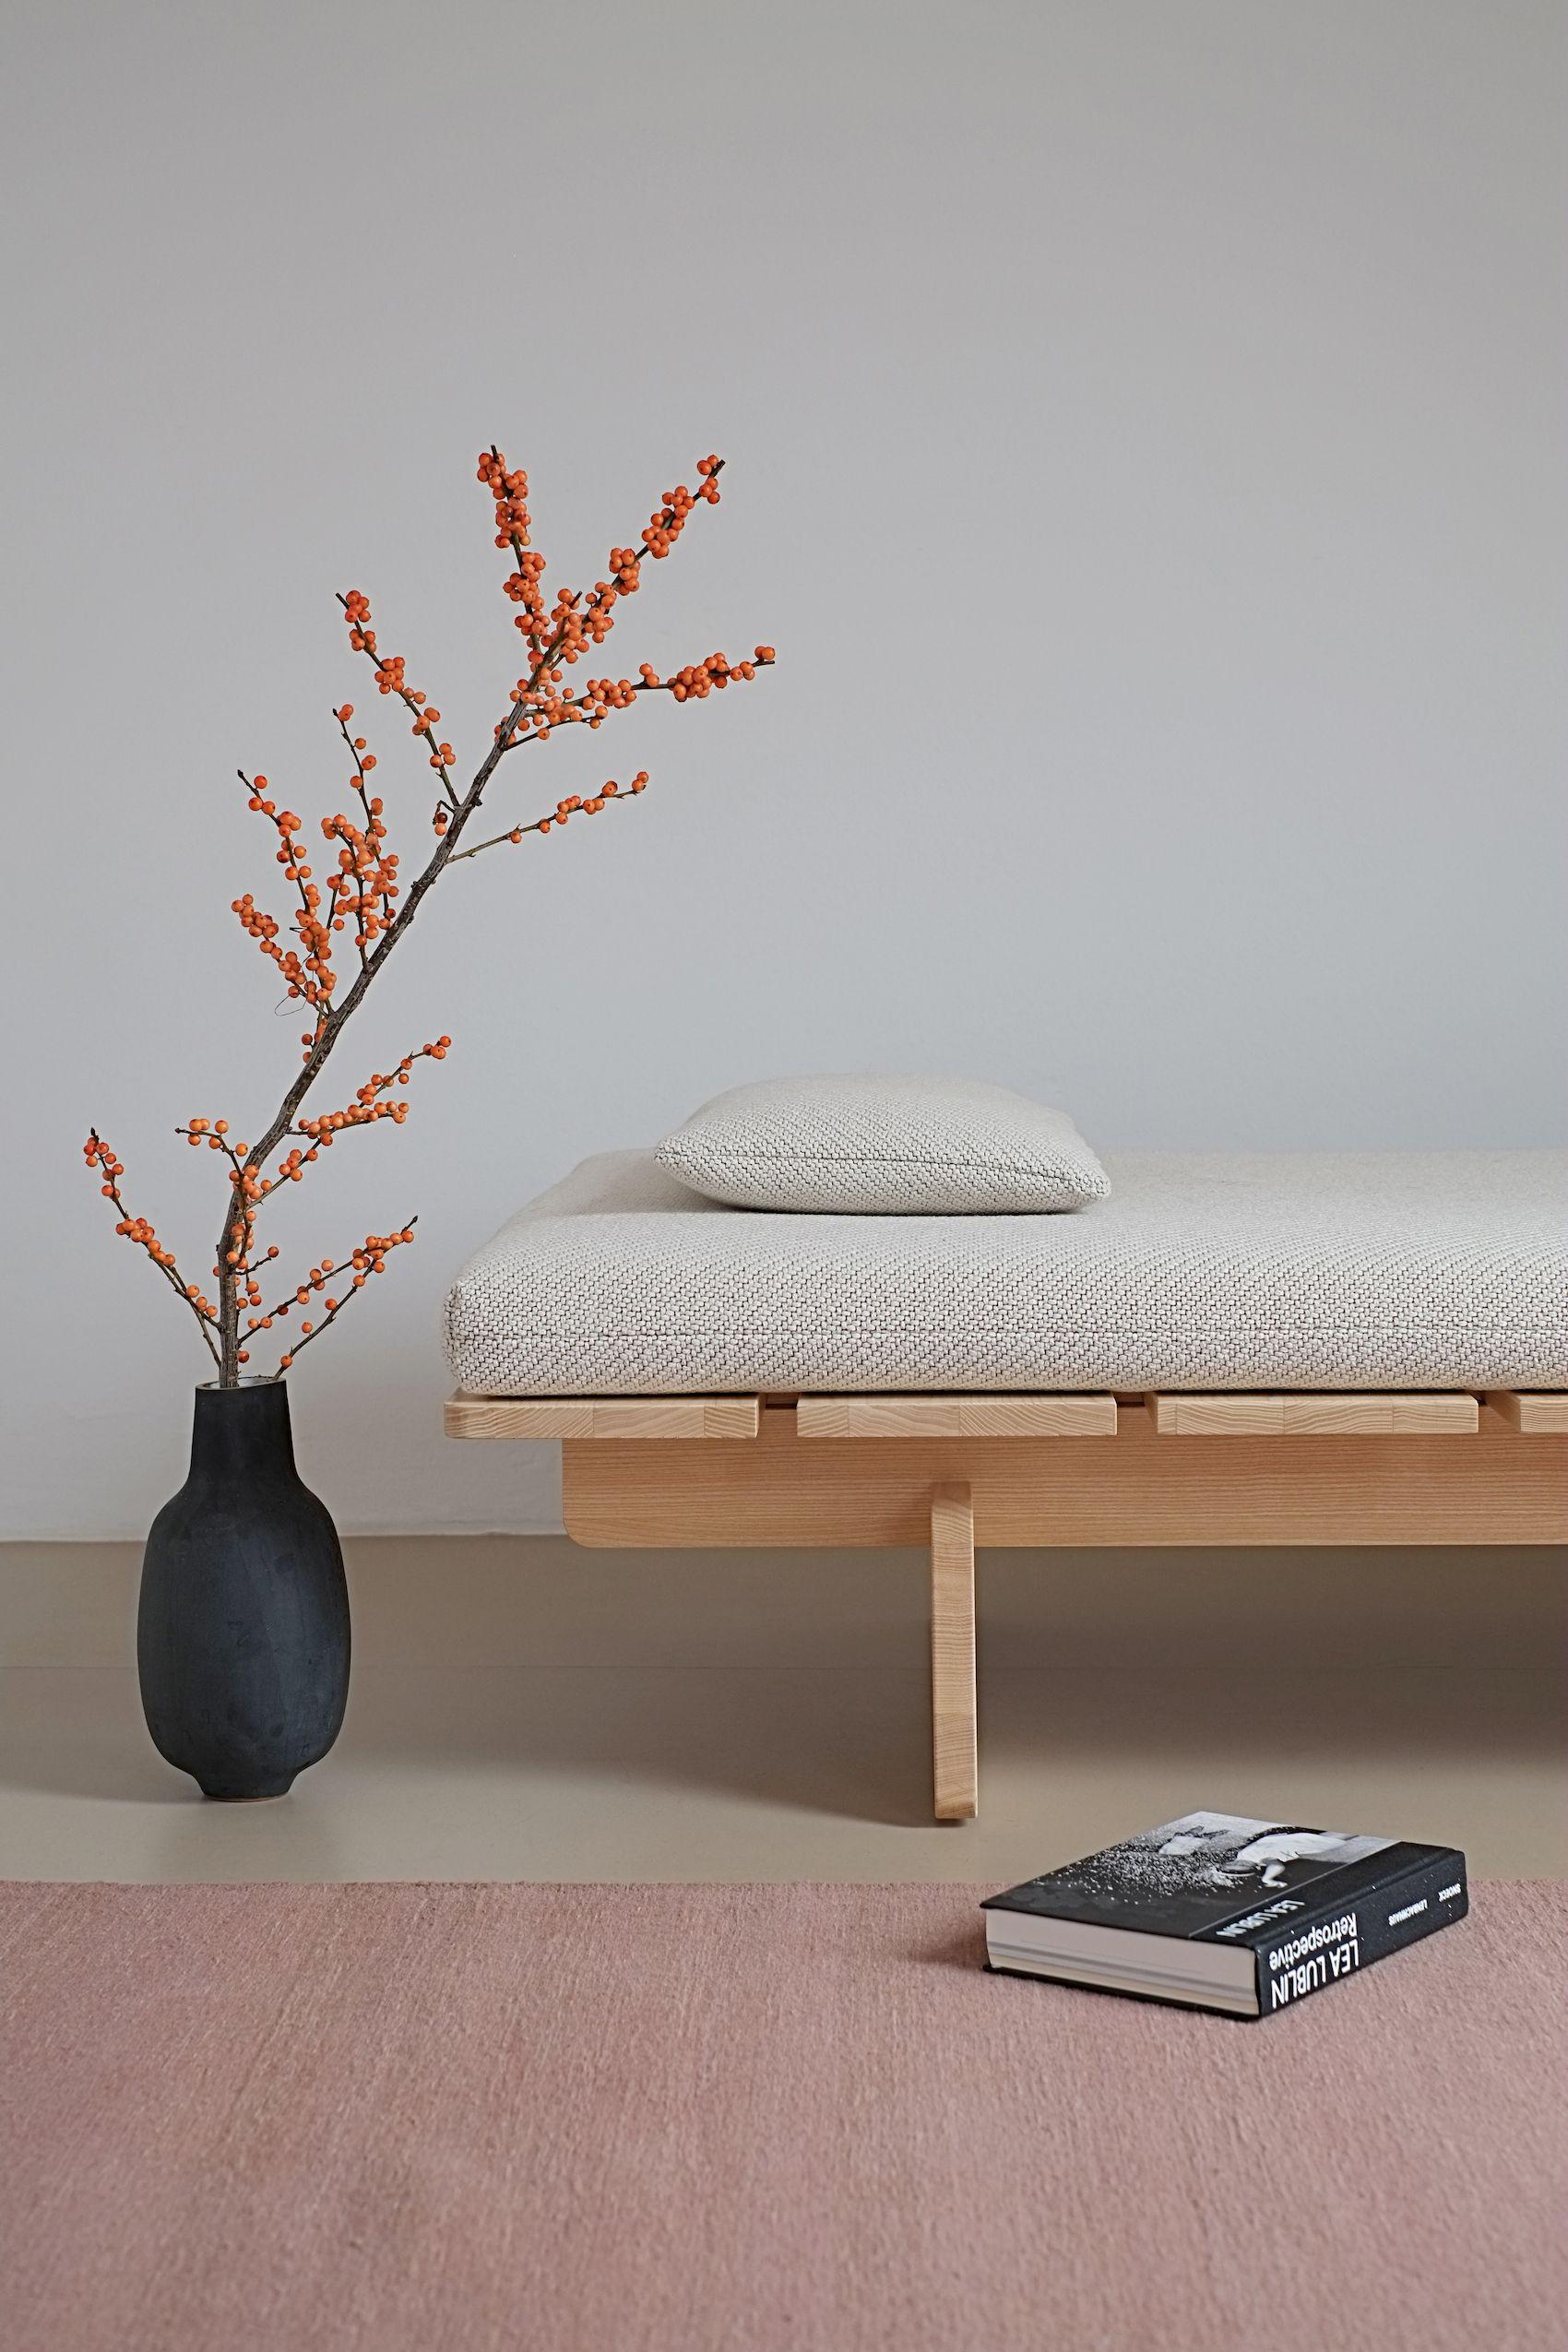 barril in 2020 | japanische möbel, coole möbel, haus deko